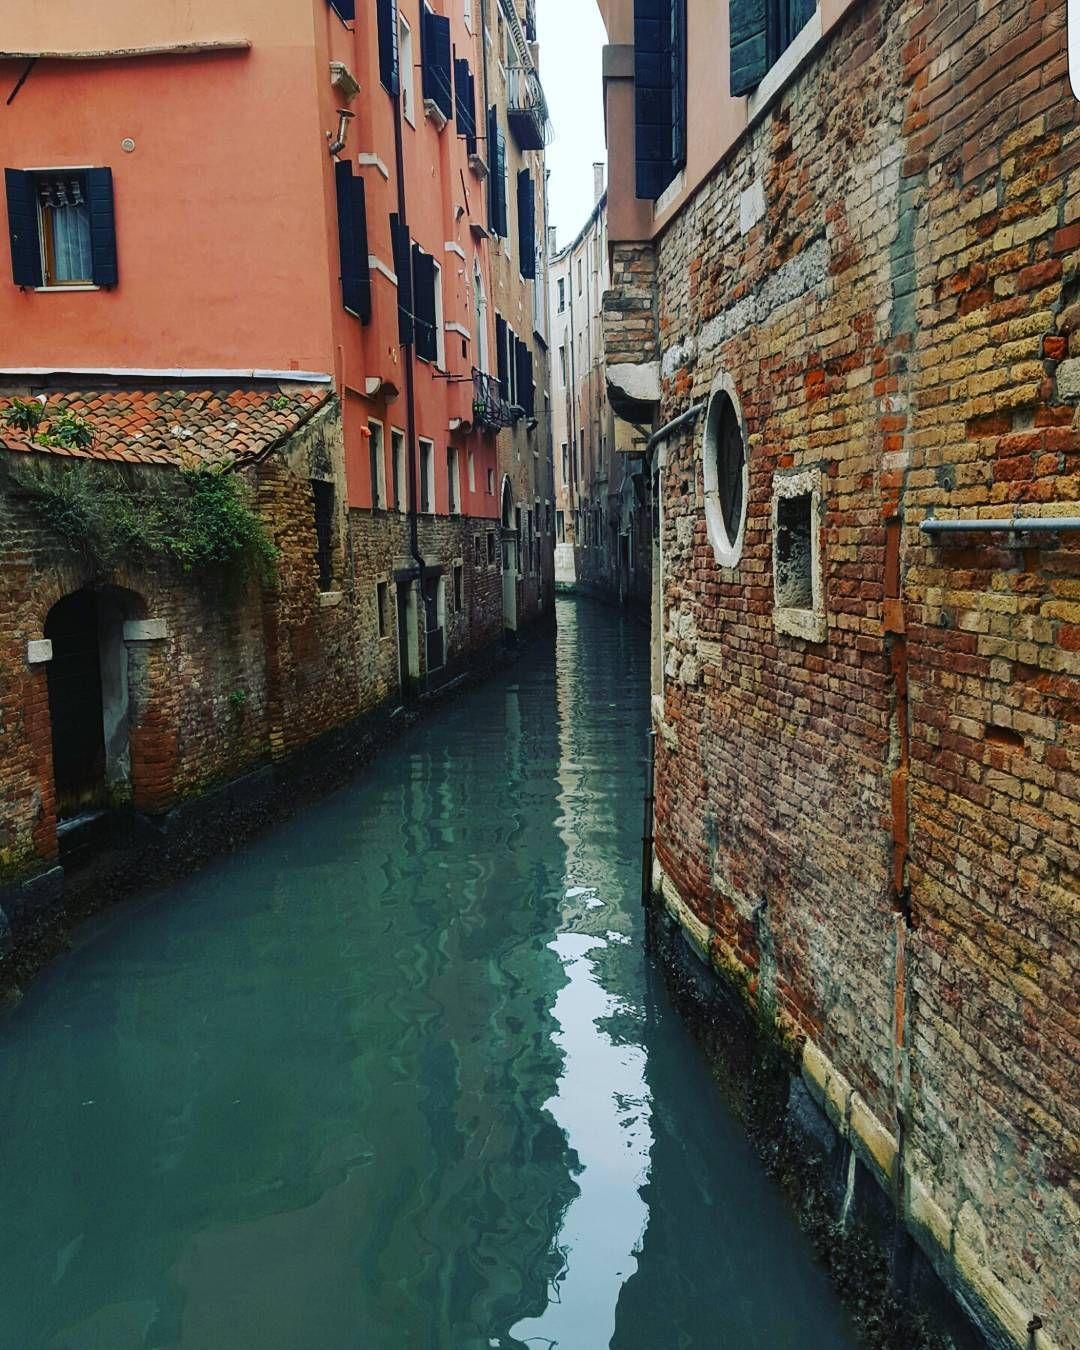 #veneziaautentica by andreascarlsergiopoli